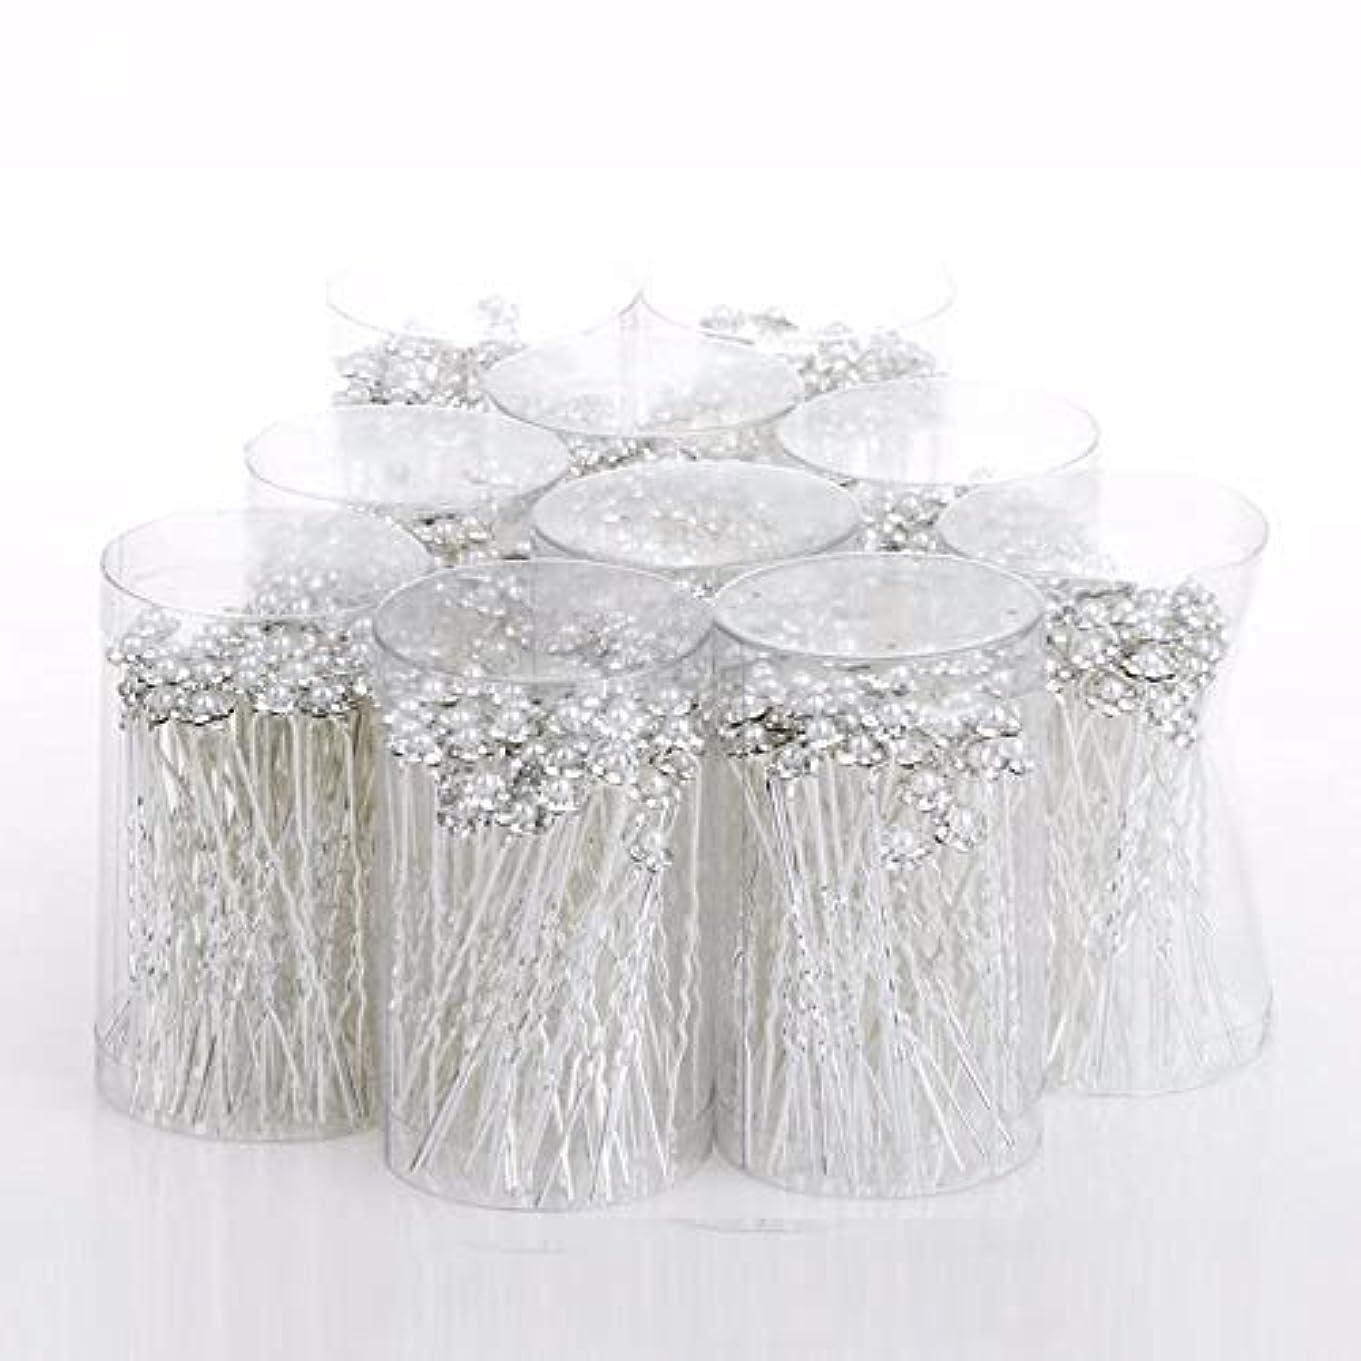 ある協力的ハブブHairpinheair YHM 40ピース女性結婚式のヘアピンジュエリーアクセサリー模擬パールフラワーブライダルヘアピンウエディングヘアクリップアンティークシルバーメッキ(ホワイト) (色 : 白)